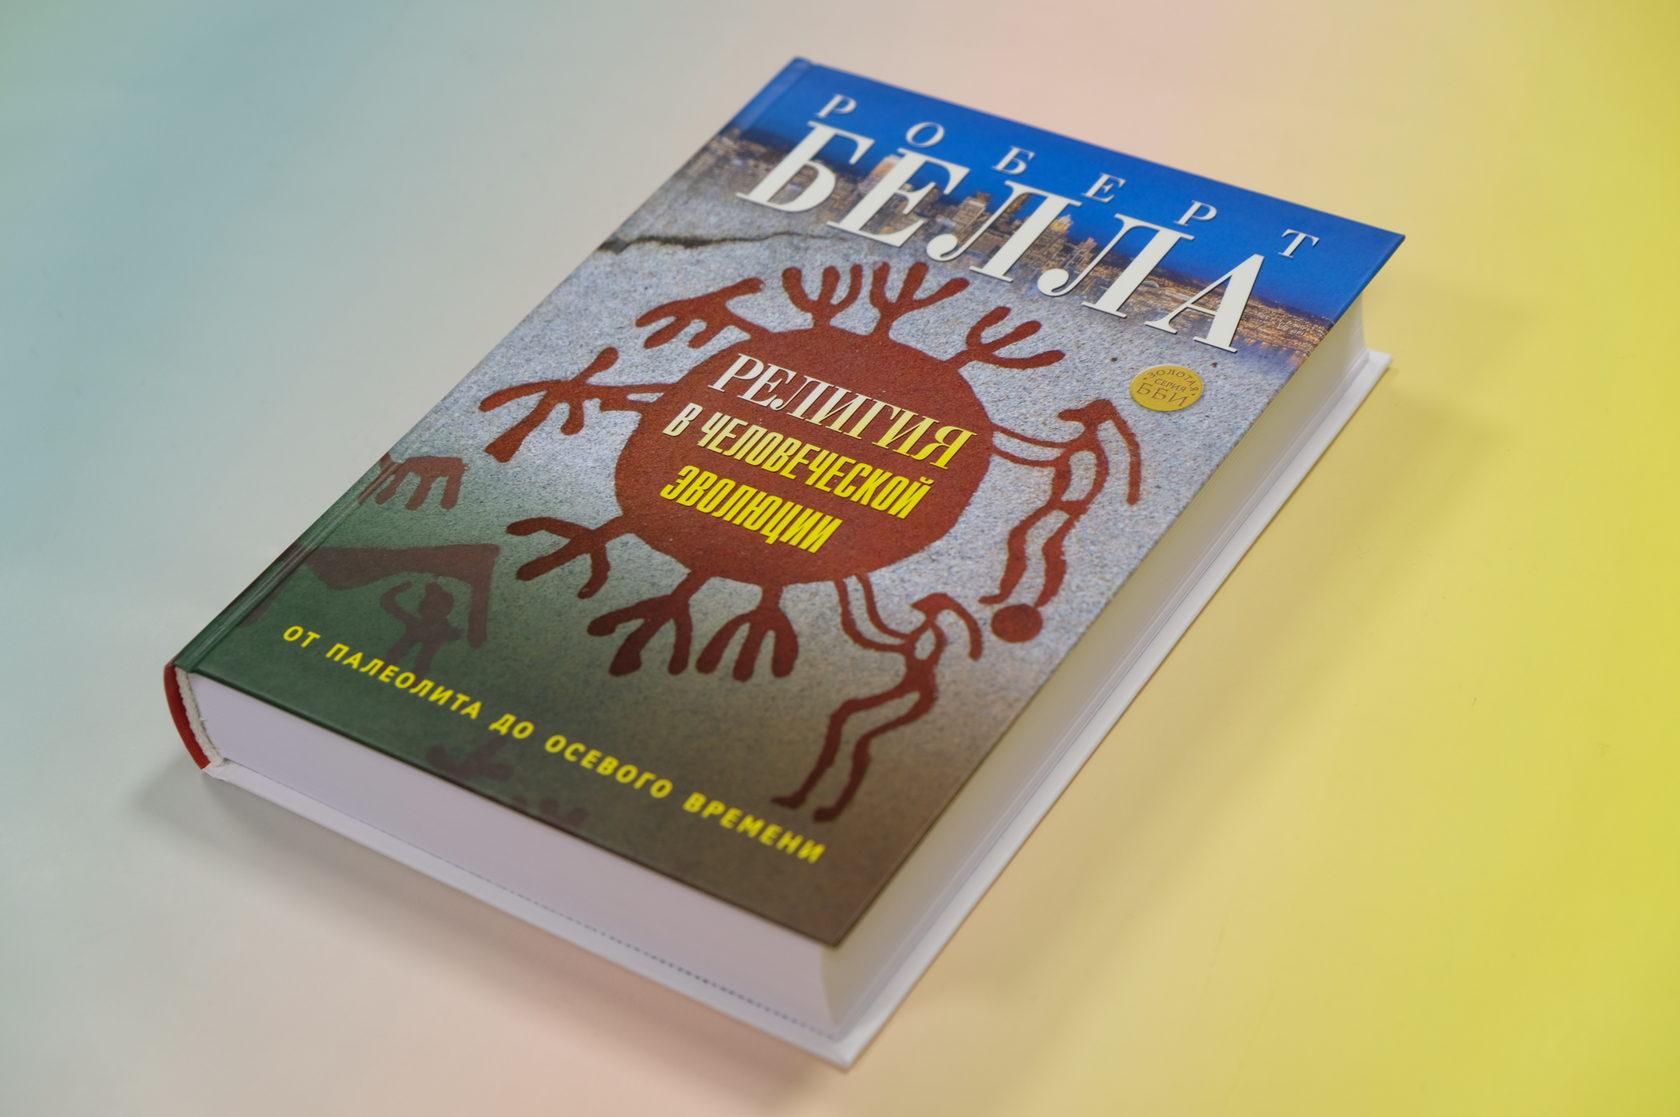 Роберт Белла «Религия в человеческой эволюции: от палеолита до осевого времени» , 978-5-89647-365-7